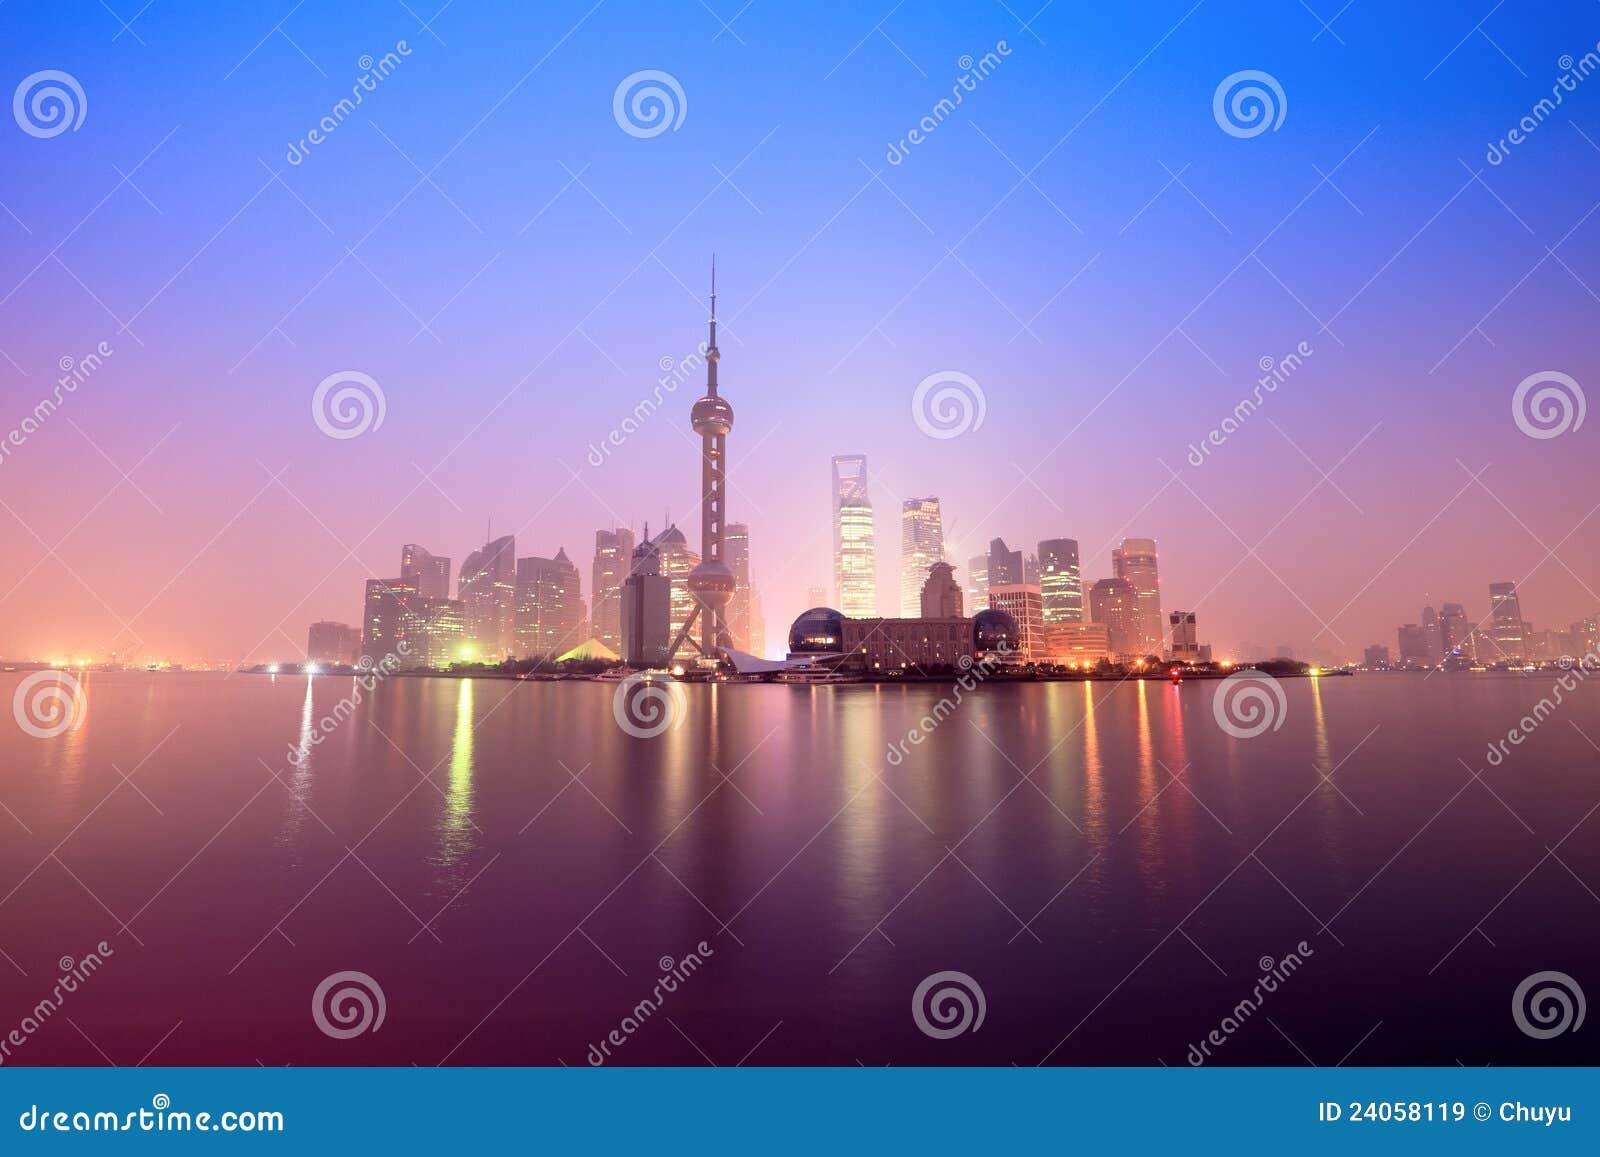 Shanghai in daybreak